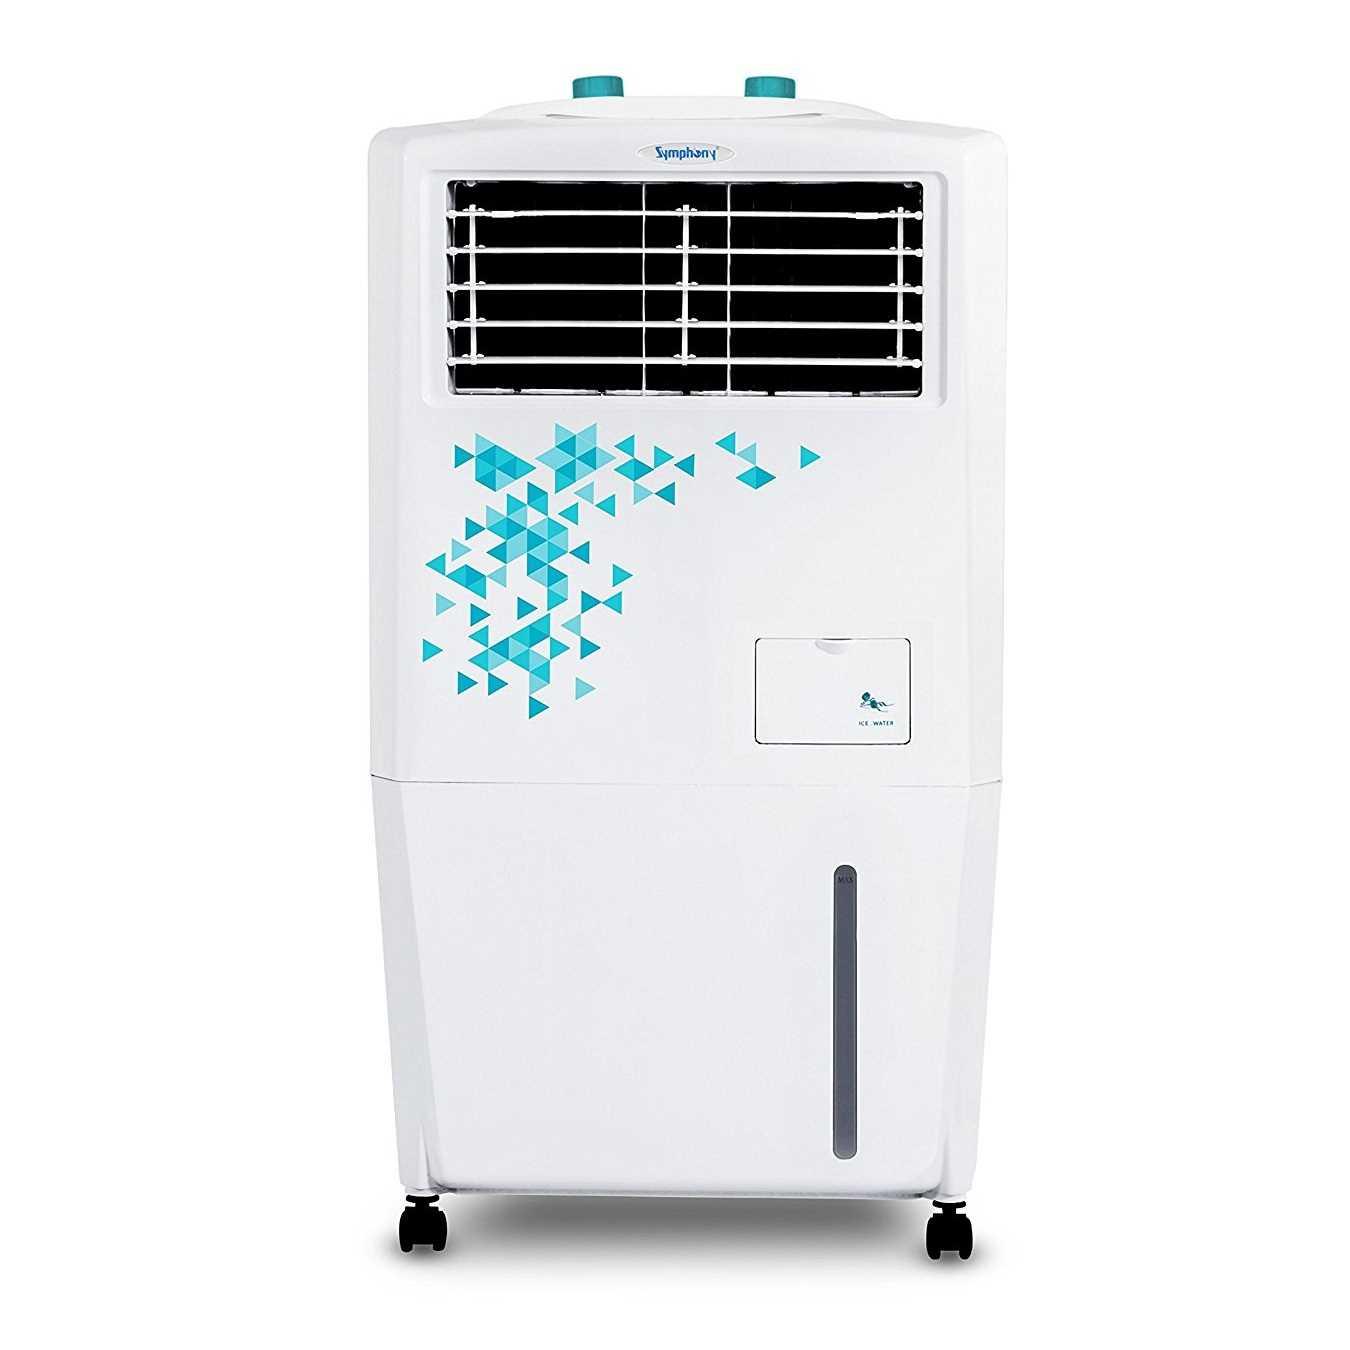 Symphony Ninja 27 Litres Personal Air Cooler